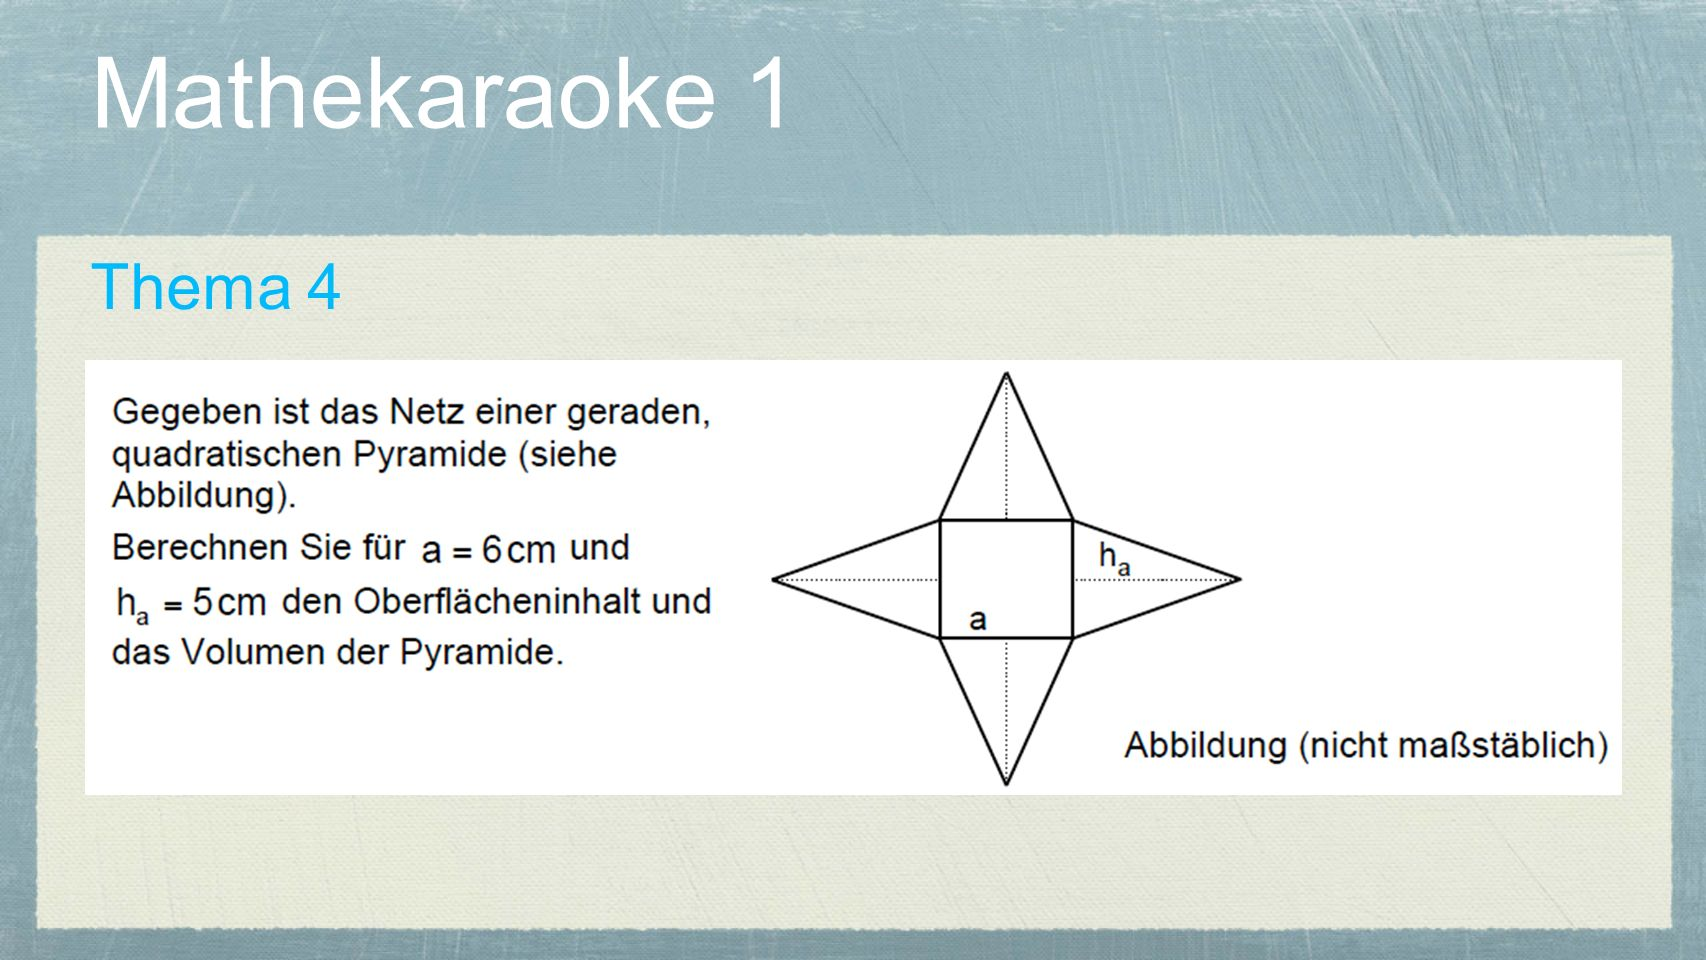 Mathekaraoke 1 Thema 5 Bildquellen: musicload.de; google BildersucheKaraoke